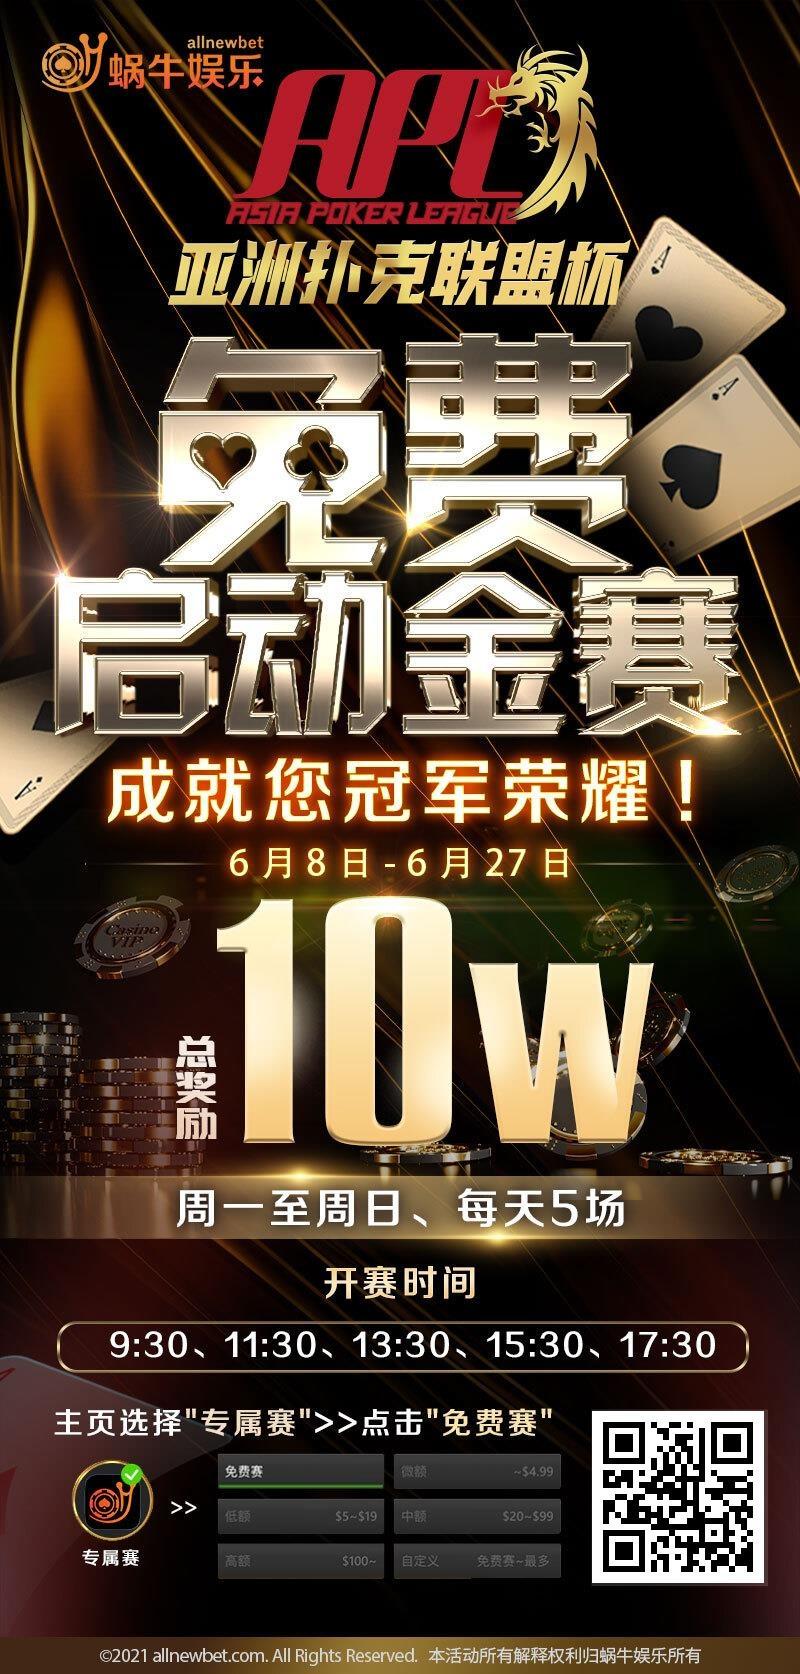 【蜗牛扑克】总奖励10万 APL亚洲扑克联盟杯 免费启动金赛